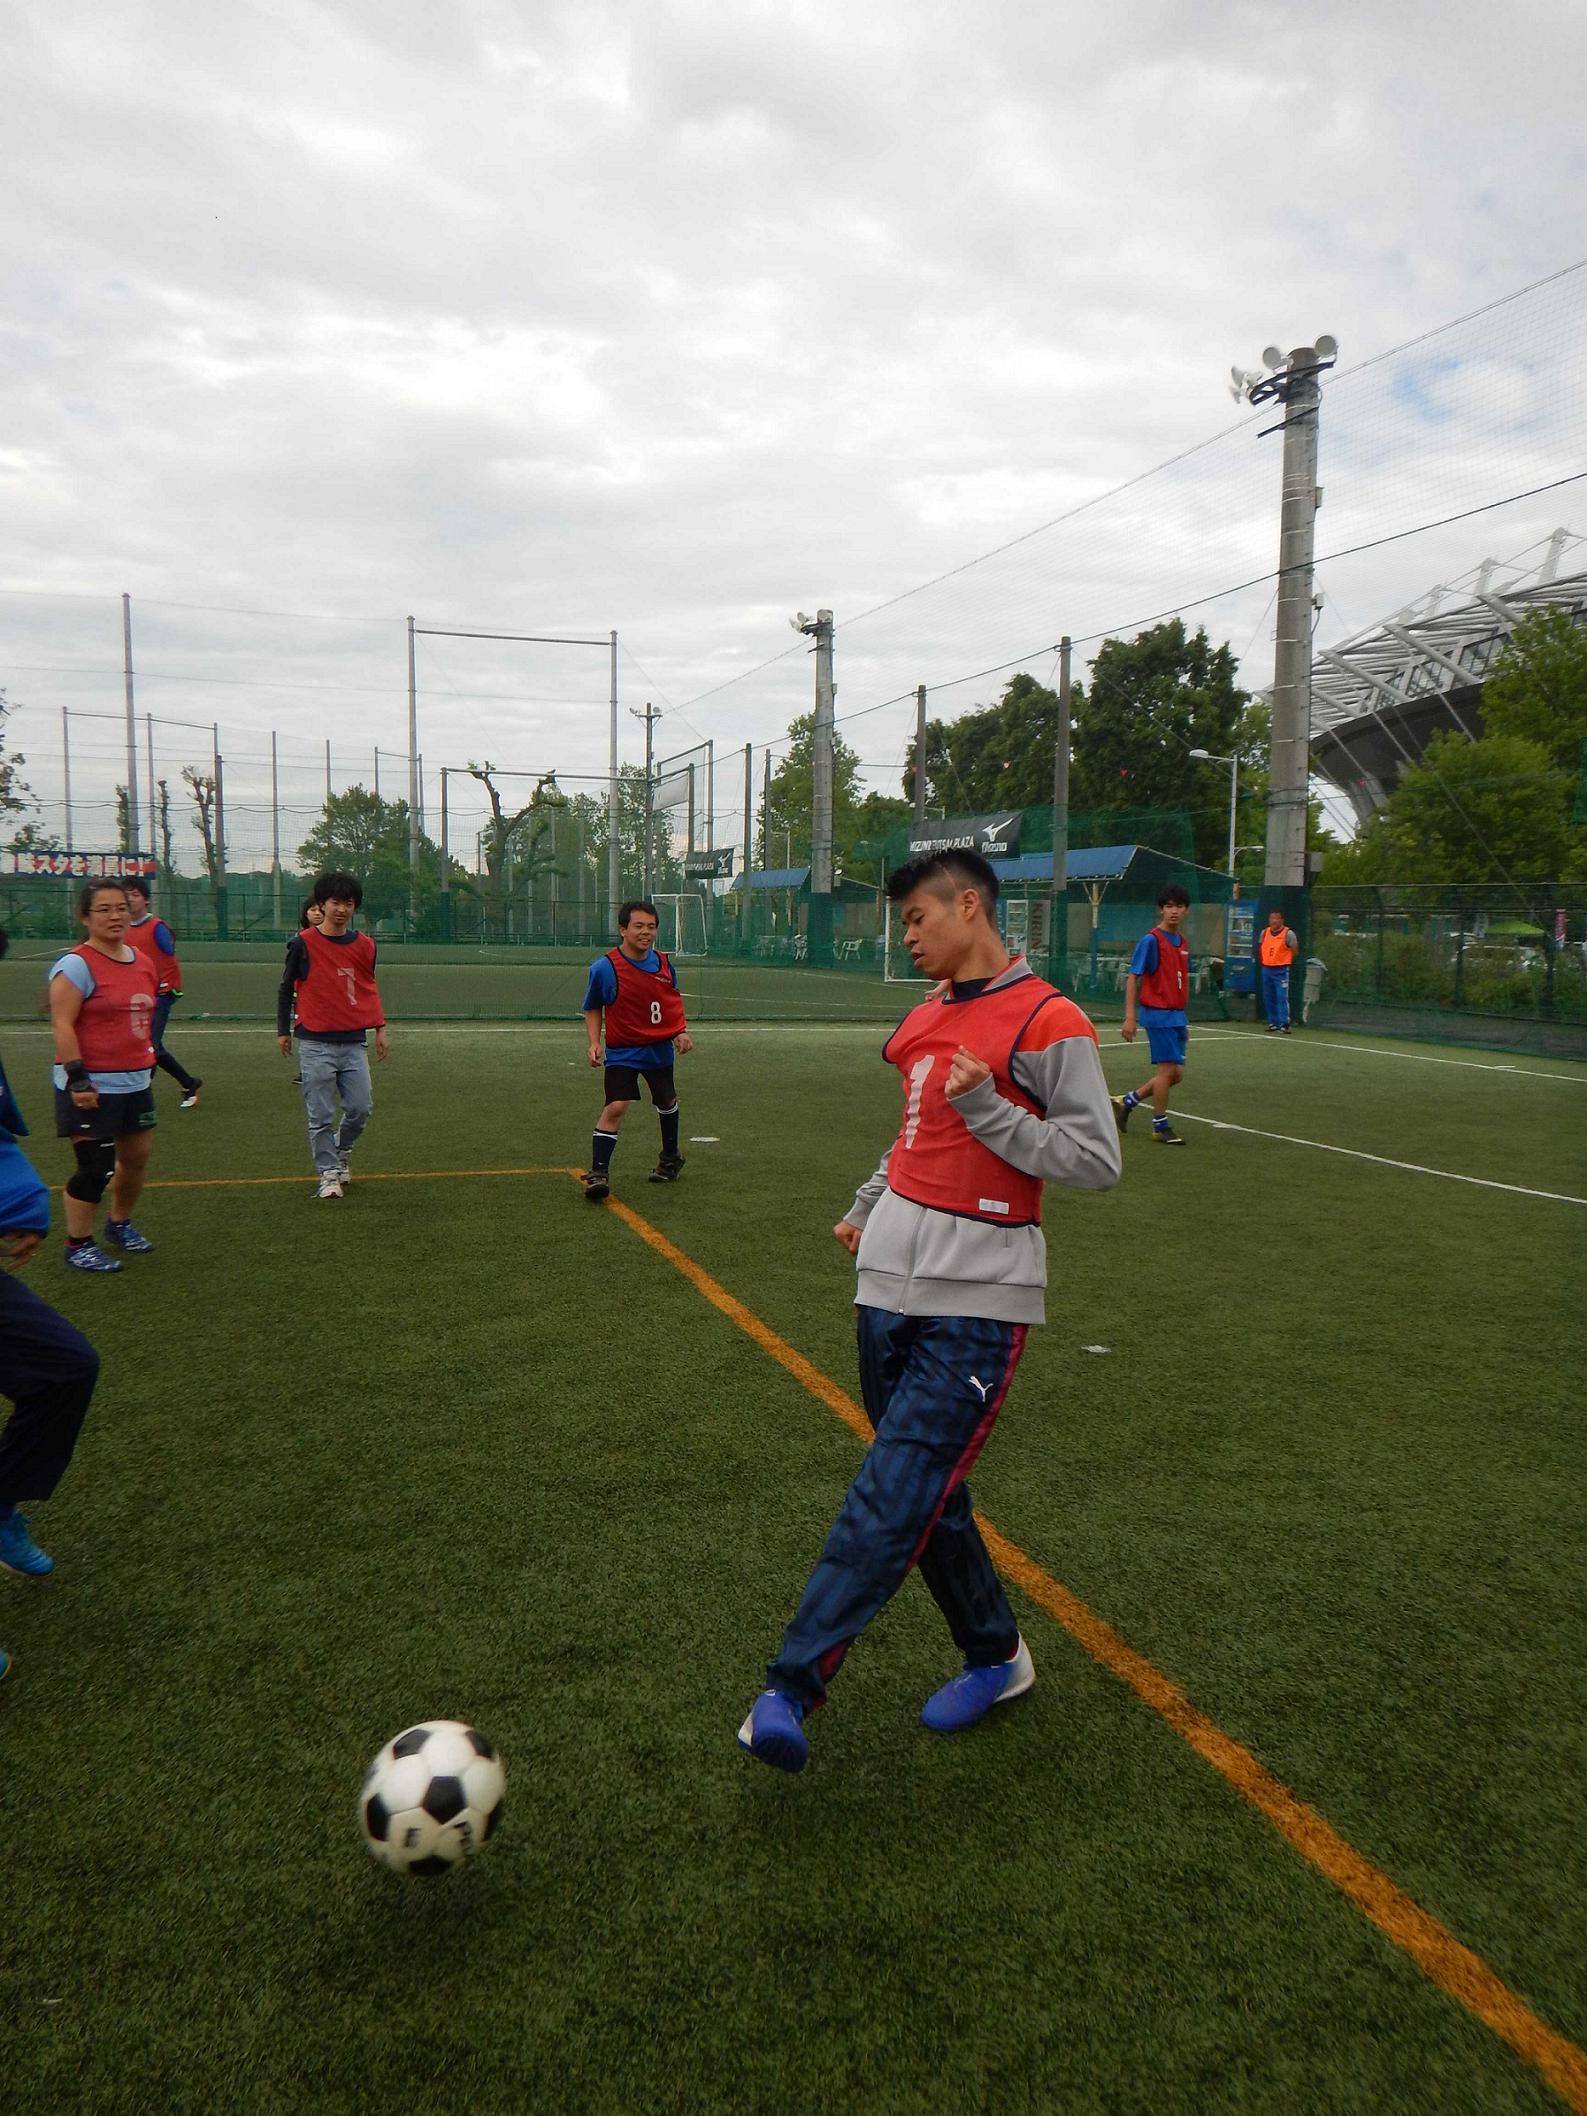 DSCN4795 R - 「みんなで☆サッカー」を終了しました。